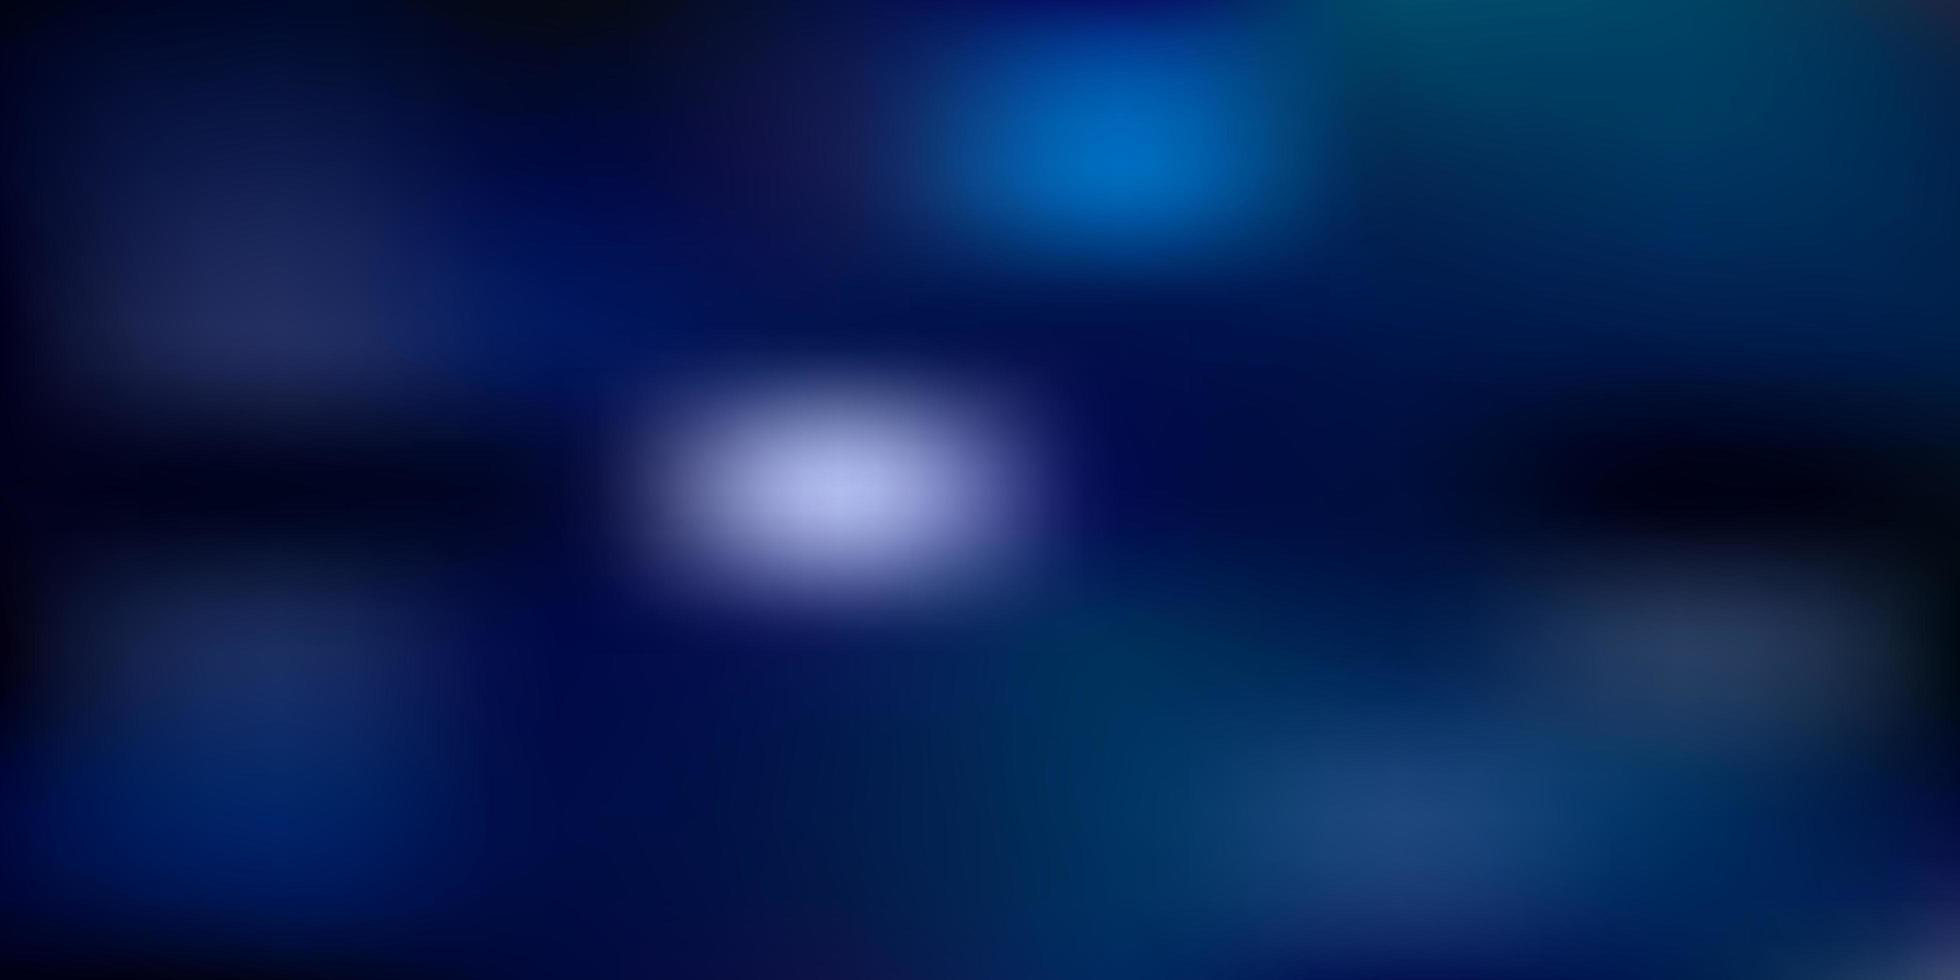 hellblaue Vektor abstrakte Unschärfe Hintergrund.